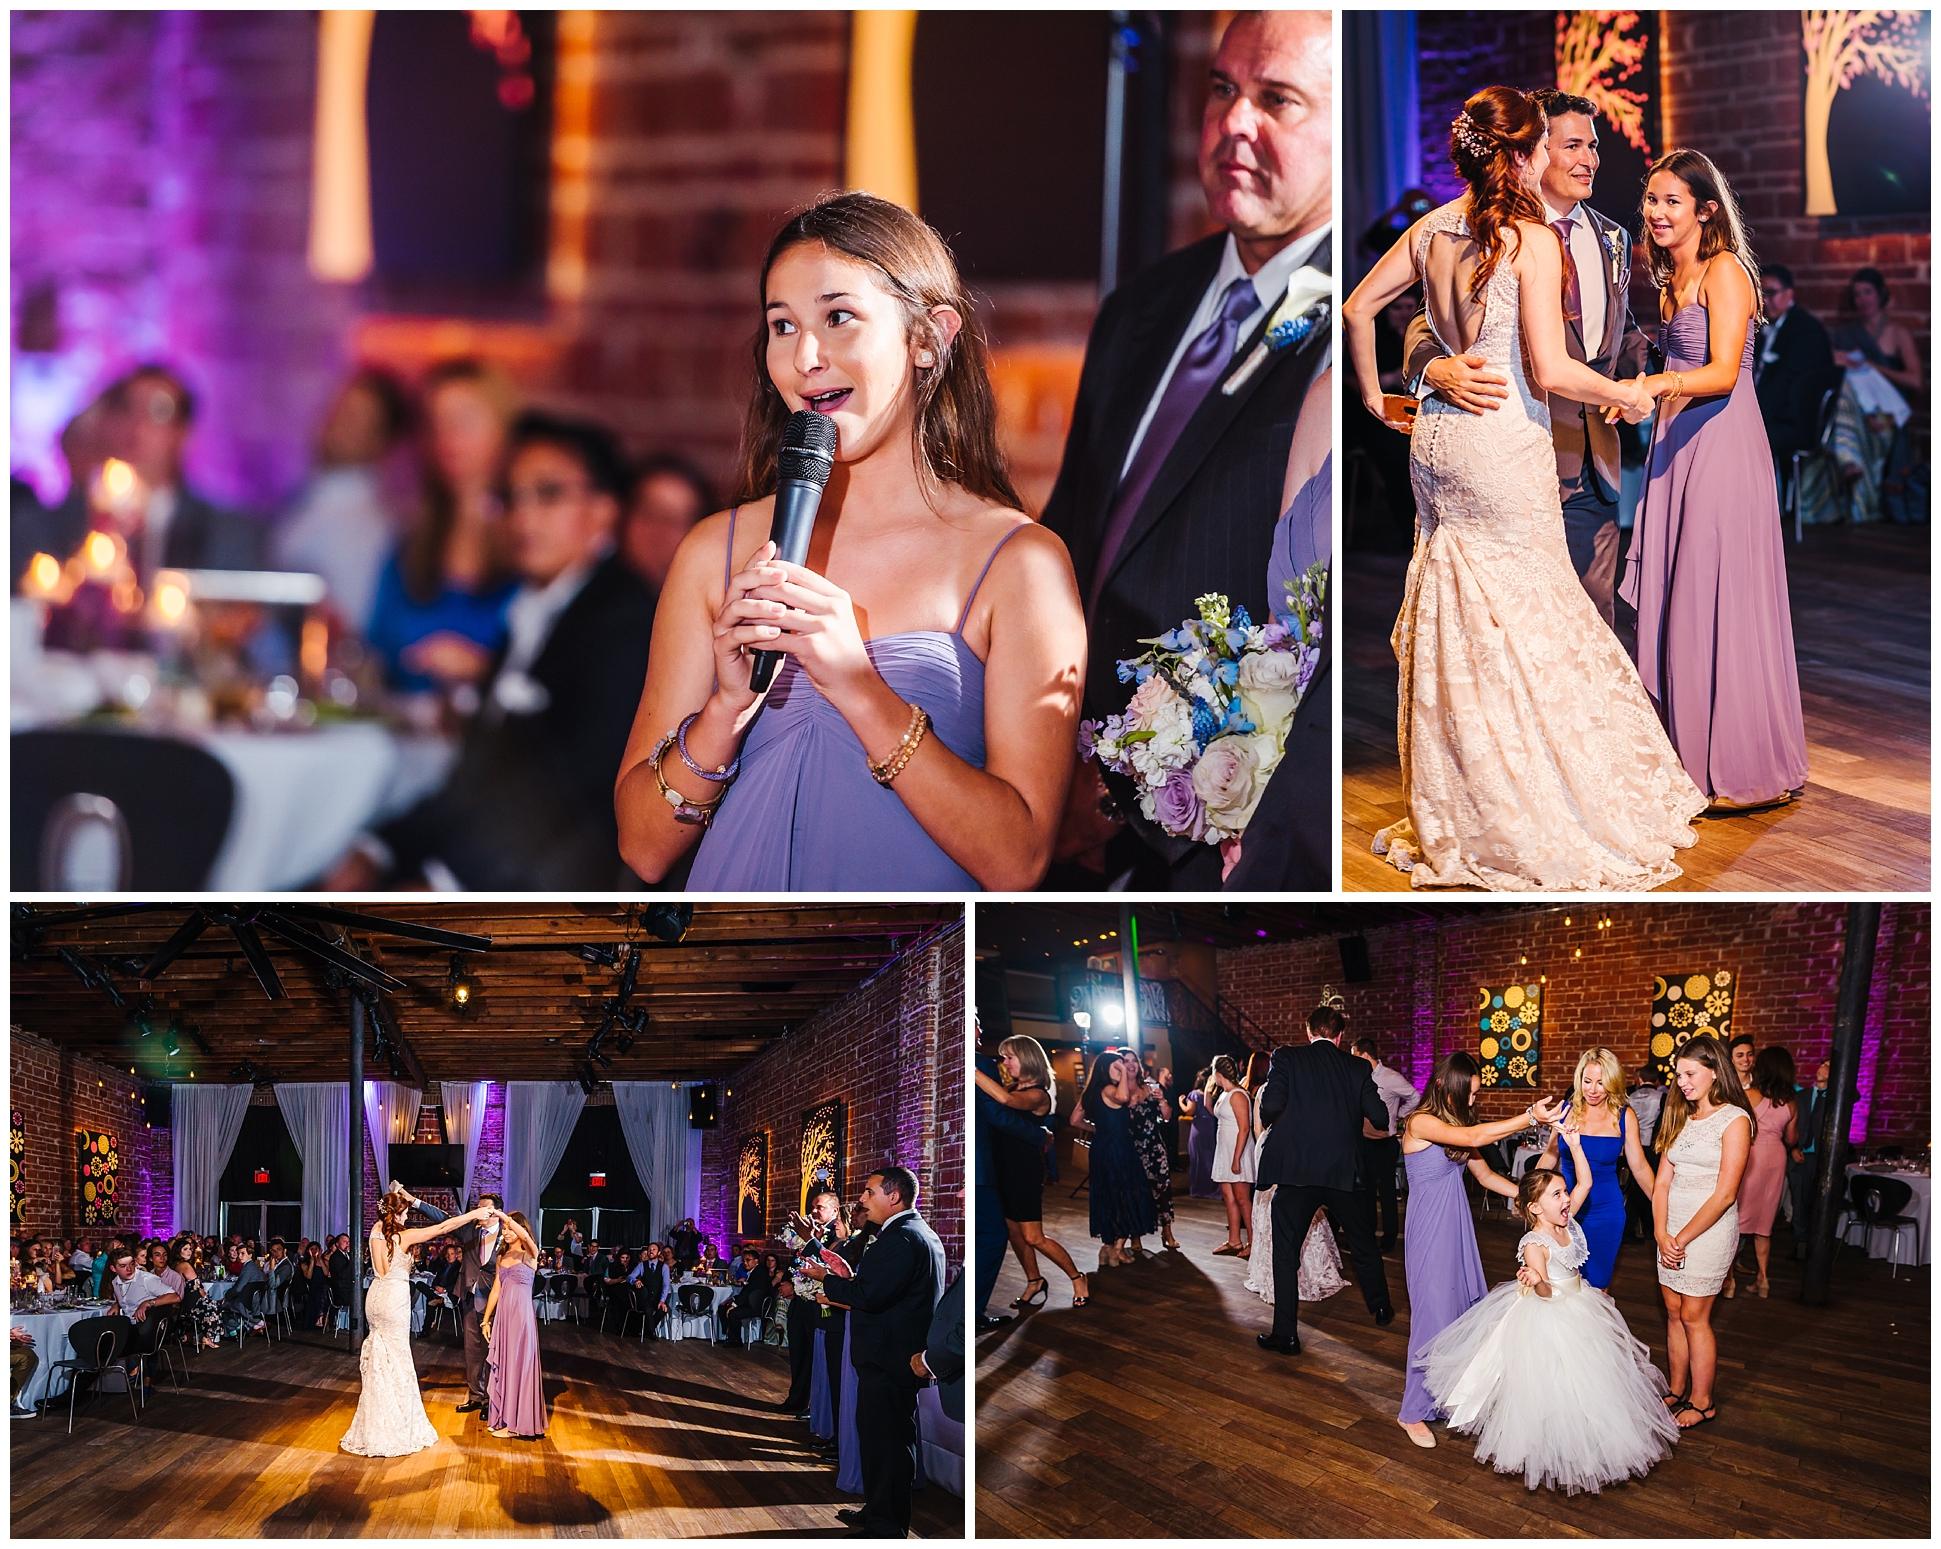 st-pete-wedding-photographer-nova-535-murals-downtown-lavendar_0040.jpg